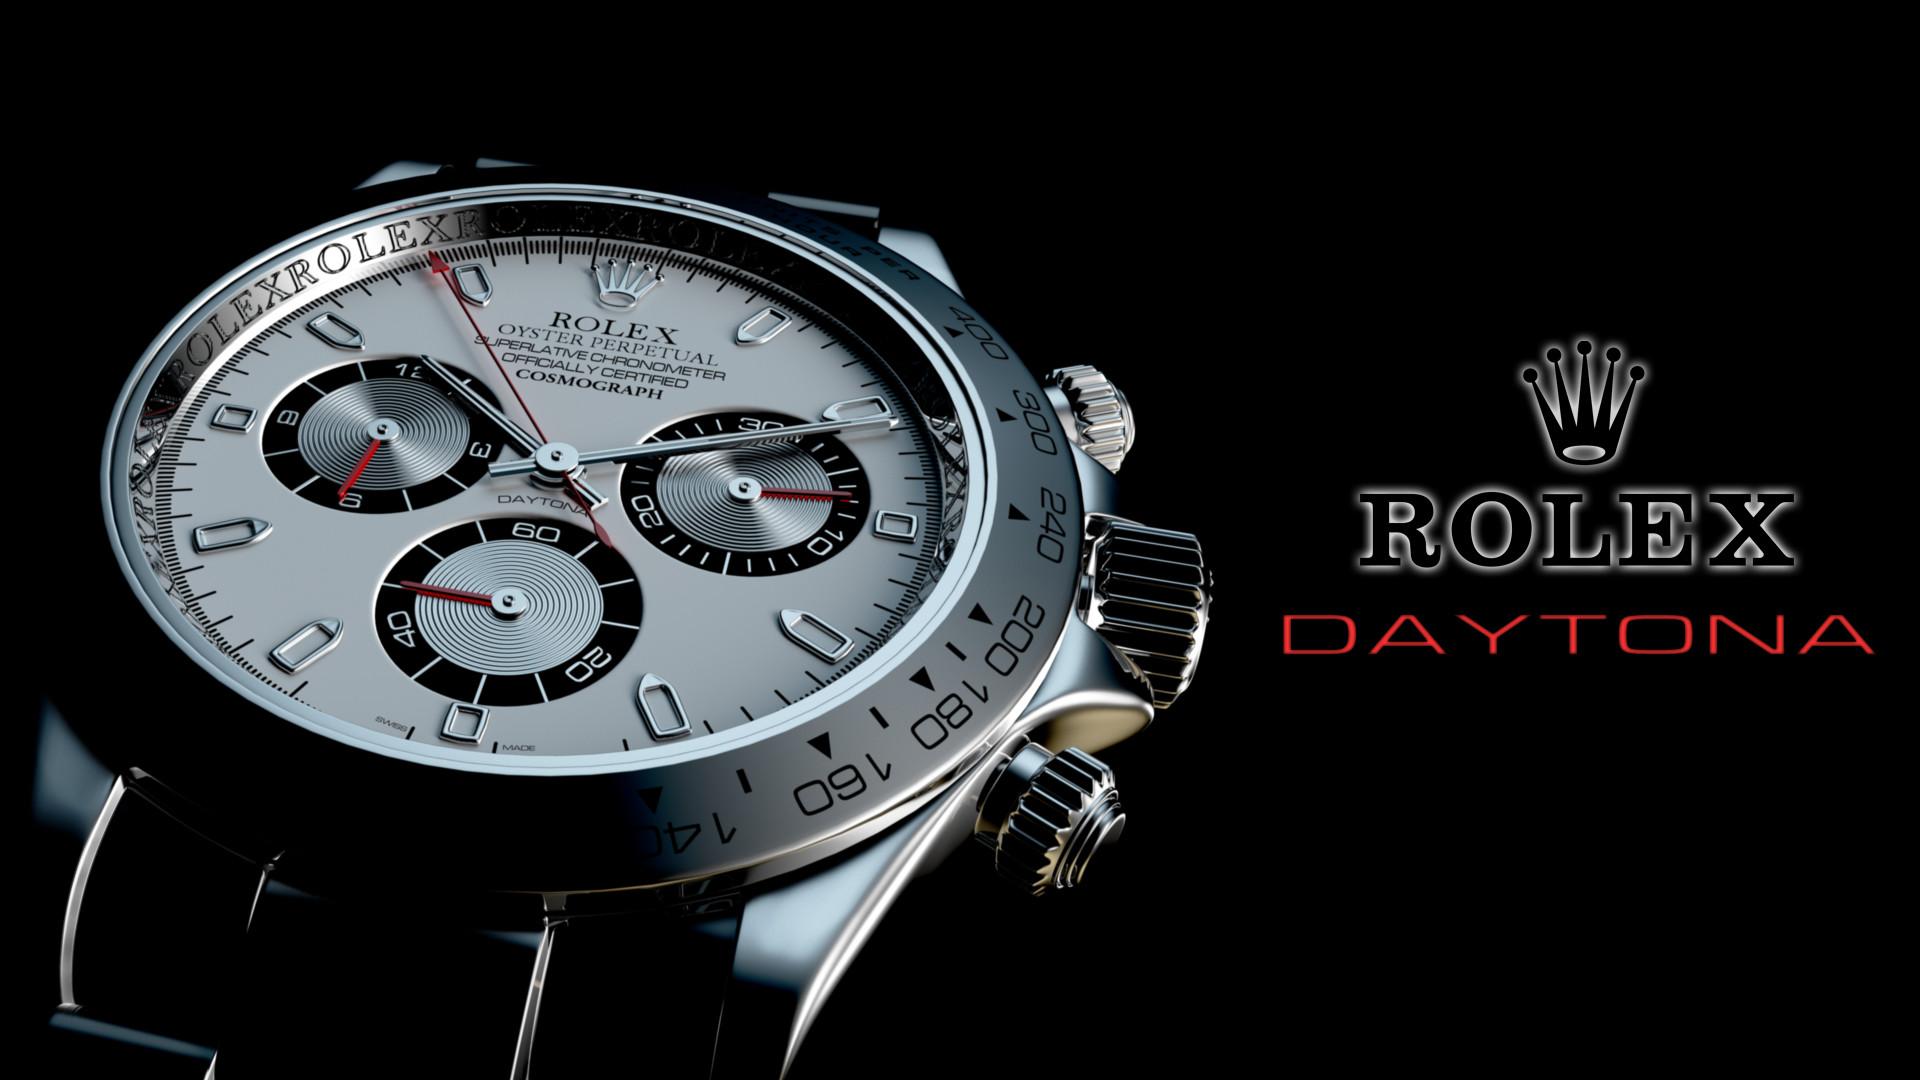 Res: 1920x1080, Rolex Daytona Wallpaper